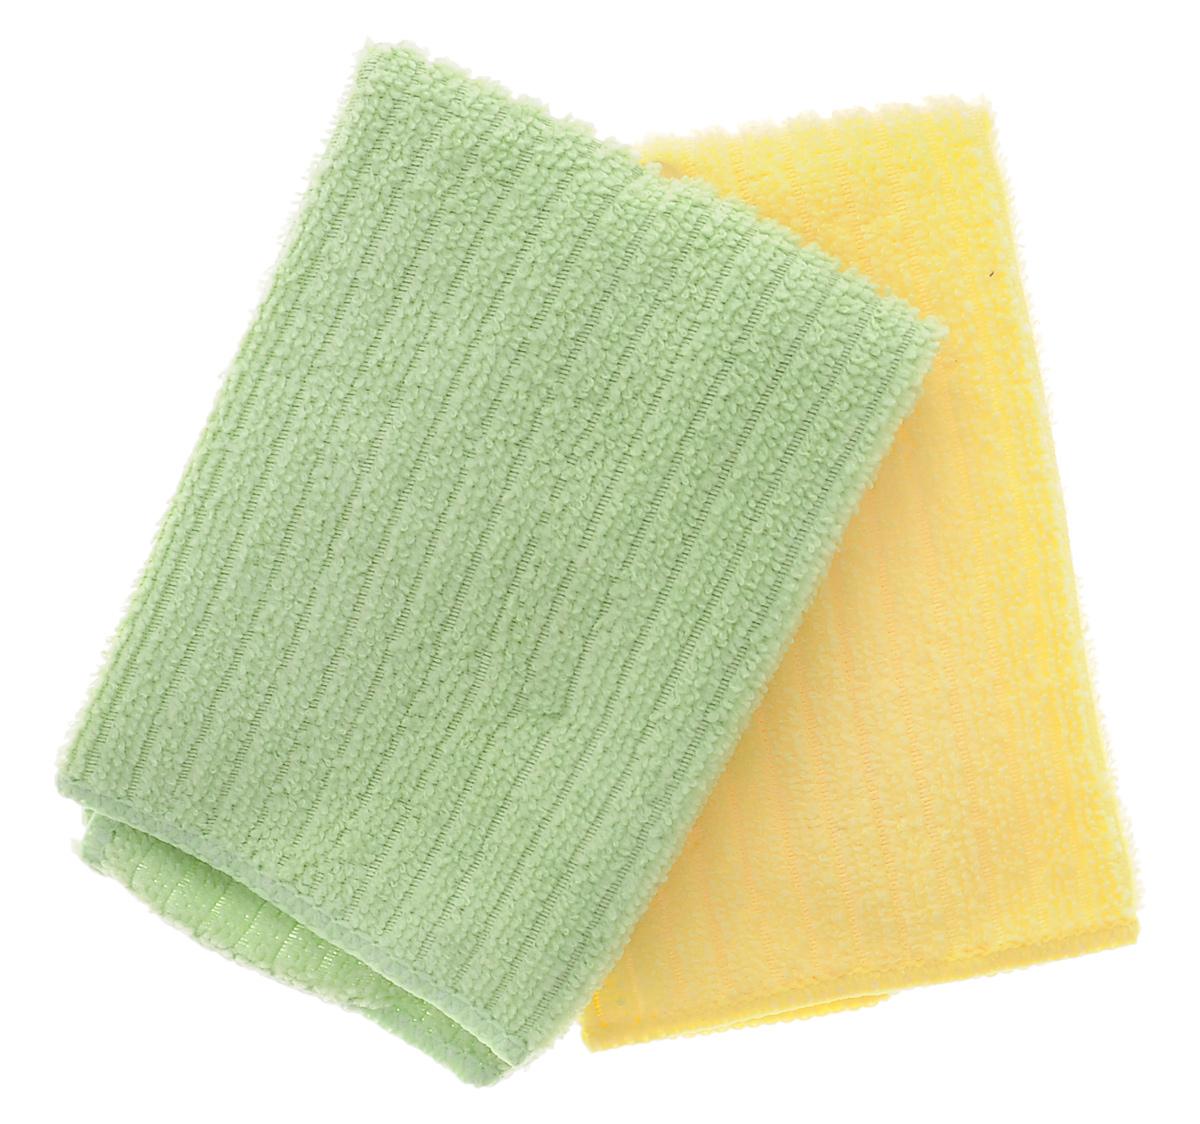 Салфетка из микрофибры Home Queen, цвет: желтый, зеленый, 30 х 30 см, 2 шт57048_желтый, зеленыйСалфетка Home Queen изготовлена из микрофибры. Это великолепная гипоаллергенная ткань, изготовленная из тончайших полимерных микроволокон. Салфетка из микрофибры может поглощать количество пыли и влаги, в 7 раз превышающее ее собственный вес. Многочисленные поры между микроволокнами, благодаря капиллярному эффекту, мгновенно впитывают воду, подобно губке. Благодаря мелким порам микроволокна, любые капельки, остающиеся на чистящей поверхности очень быстро испаряются и остается чистая дорожка без полос и разводов. В сухом виде при вытирании поверхности волокна микрофибры электризуются и притягивают к себе микробов, мельчайшие частицы пыли и грязи, удерживая их в своих микропорах. Размер салфетки: 30 см х 30 см.